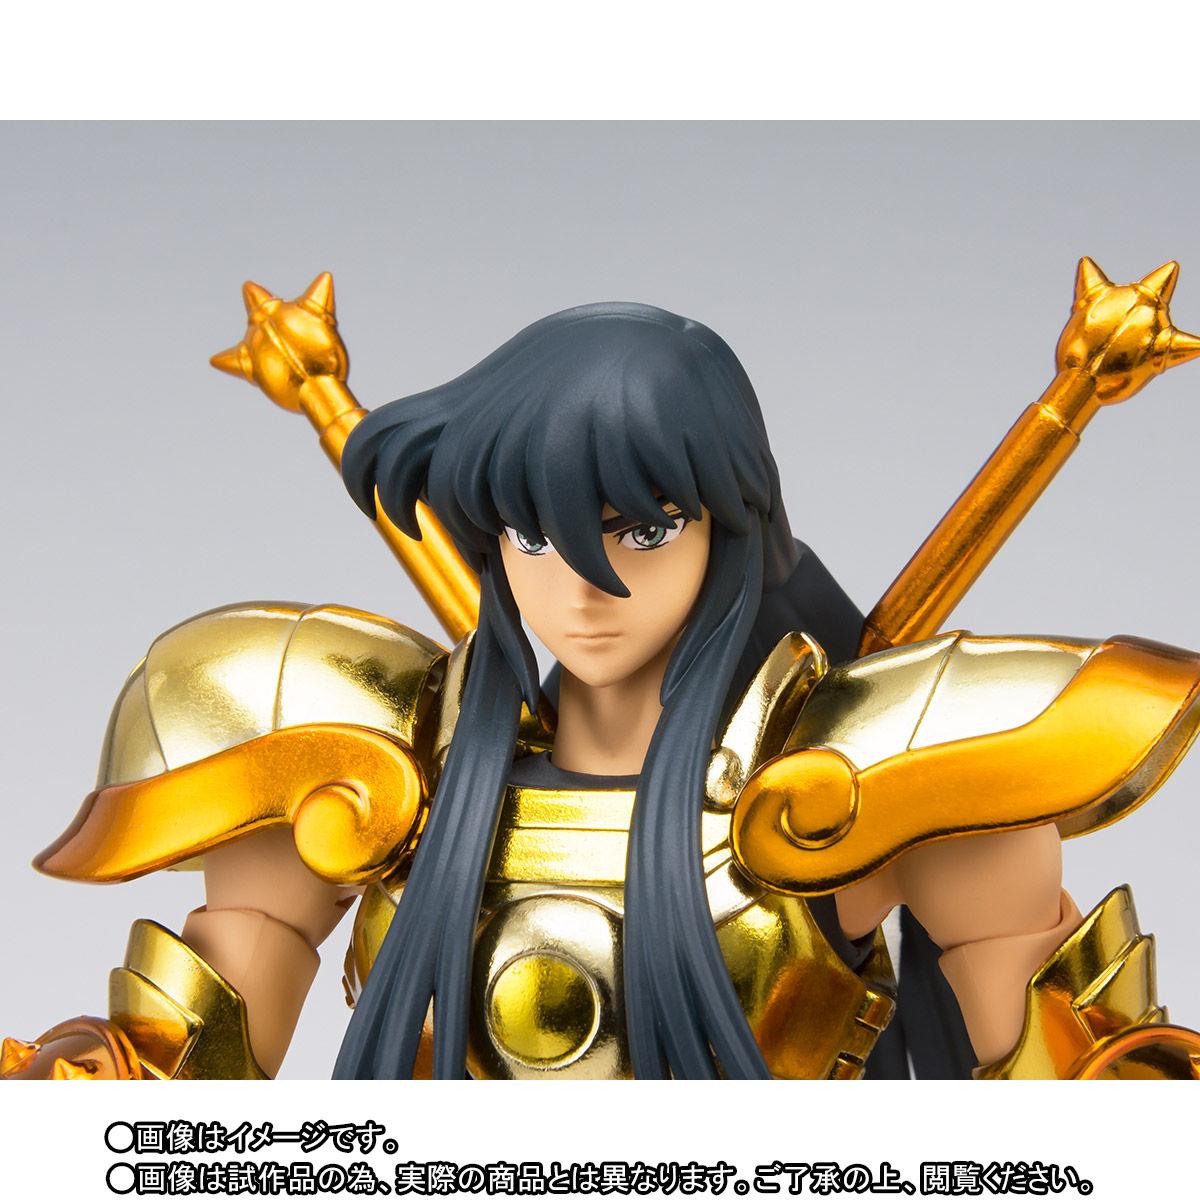 【限定販売】聖闘士聖衣神話EX『ライブラ紫龍』可動フィギュア-005